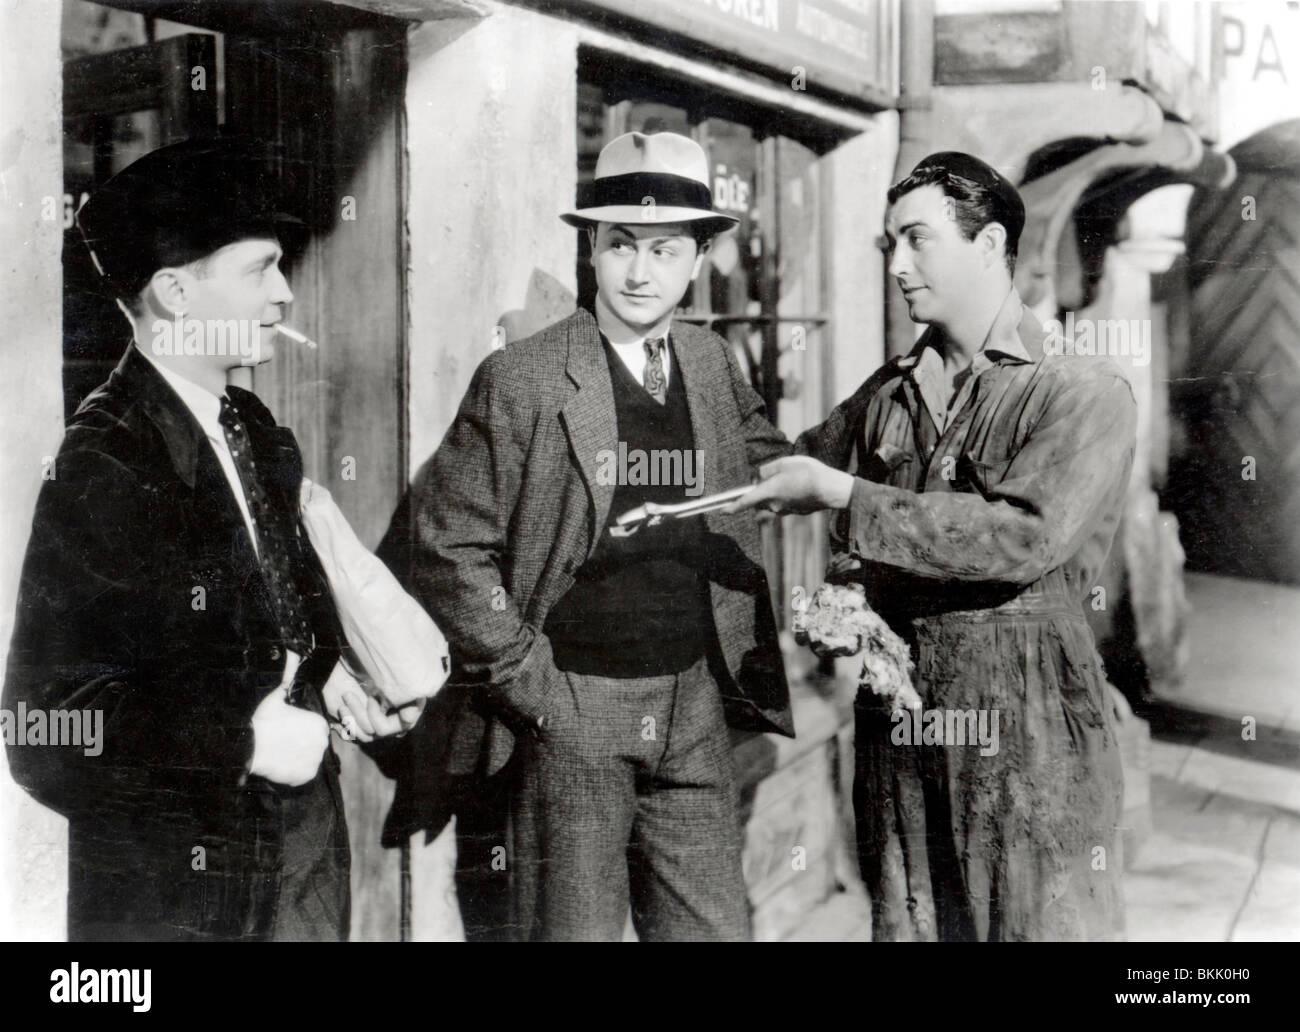 Tres camaradas (1938), Franchot Tone, Robert Taylor, Robert Young TREC 005 P Imagen De Stock